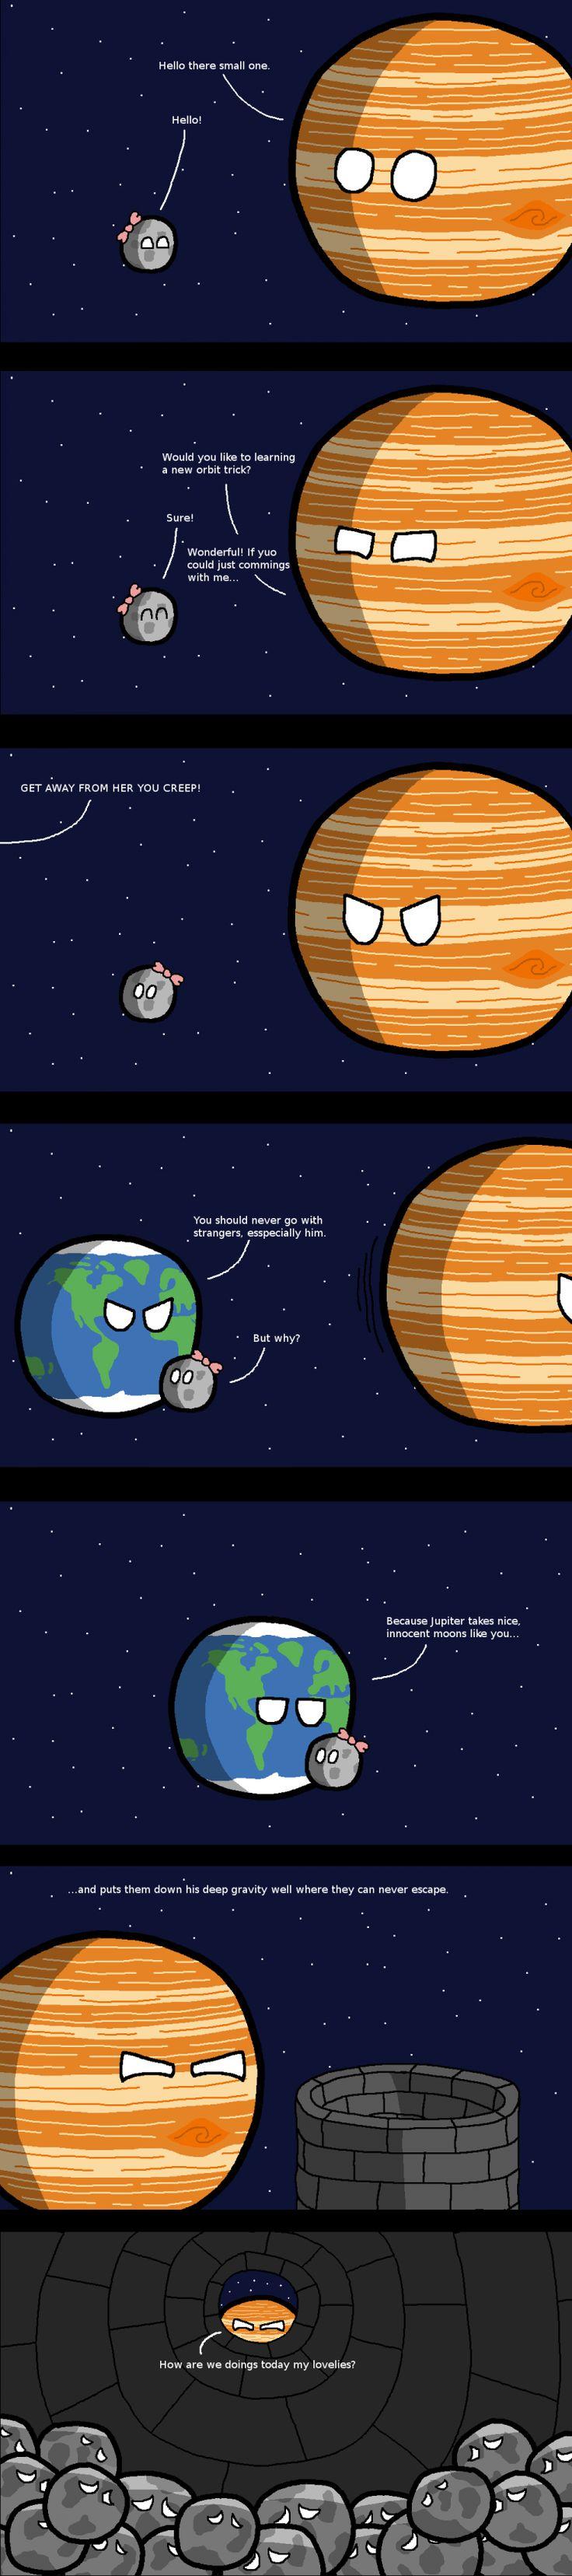 Jupiter entführt kleine süße Monde